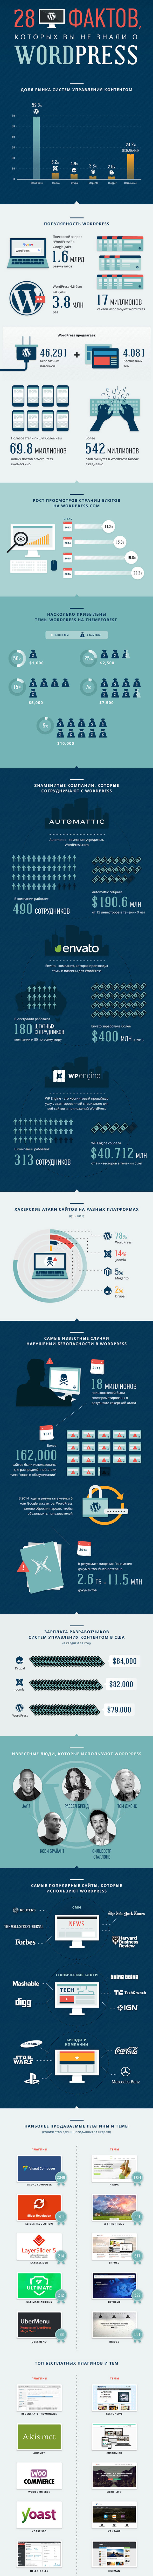 инфографика 28 фактов о ВП